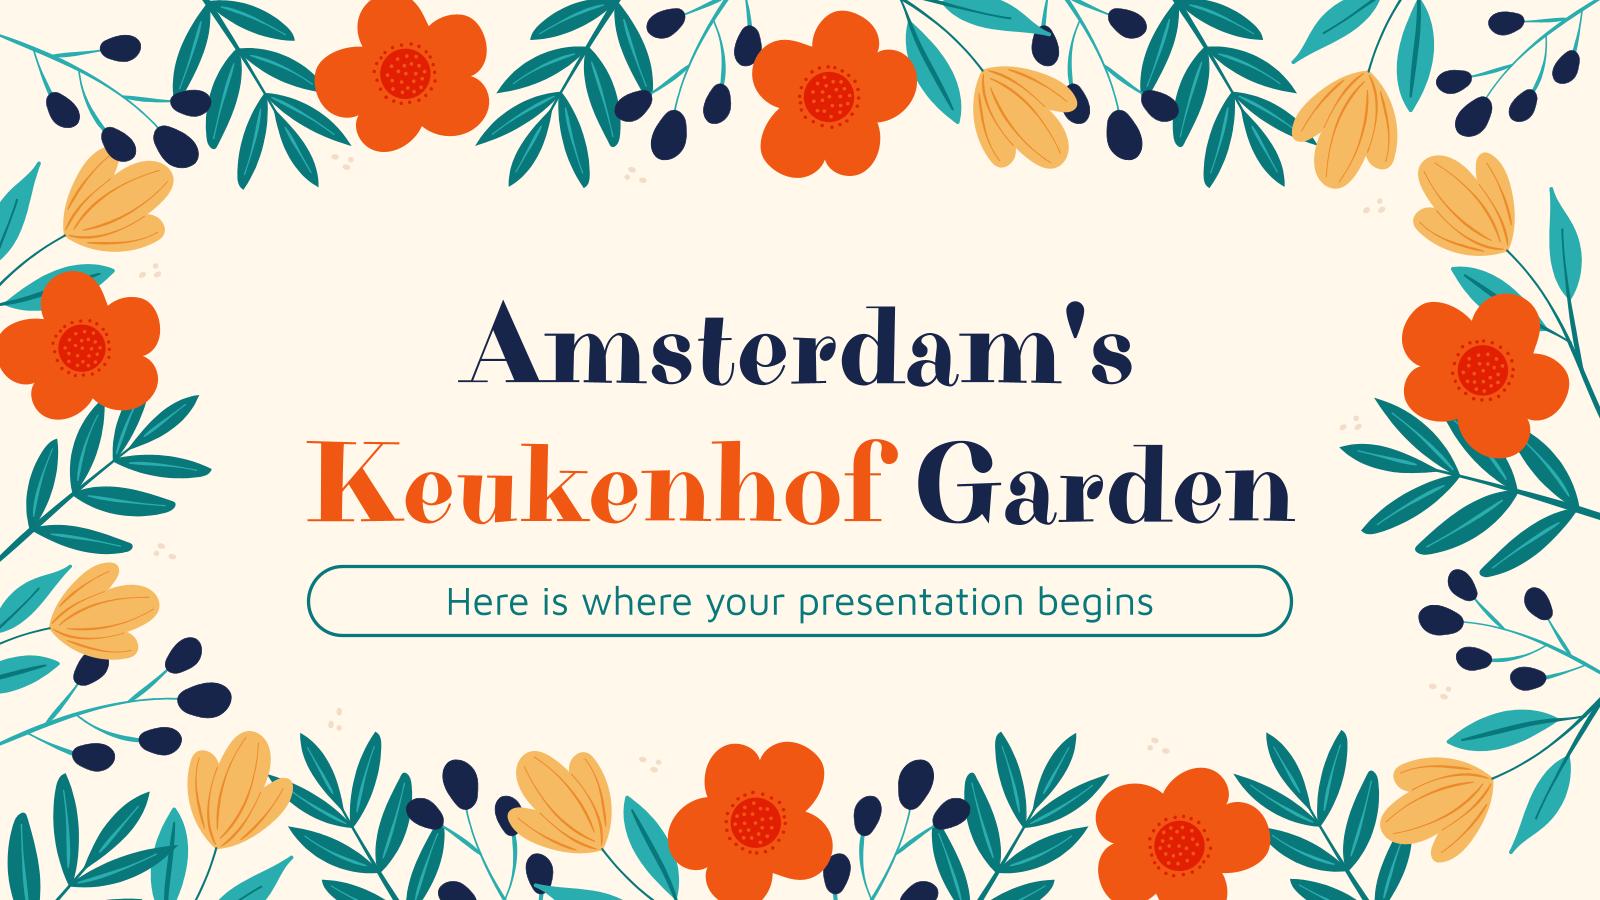 Modelo de apresentação Jardim Keukenhof de Amsterdã